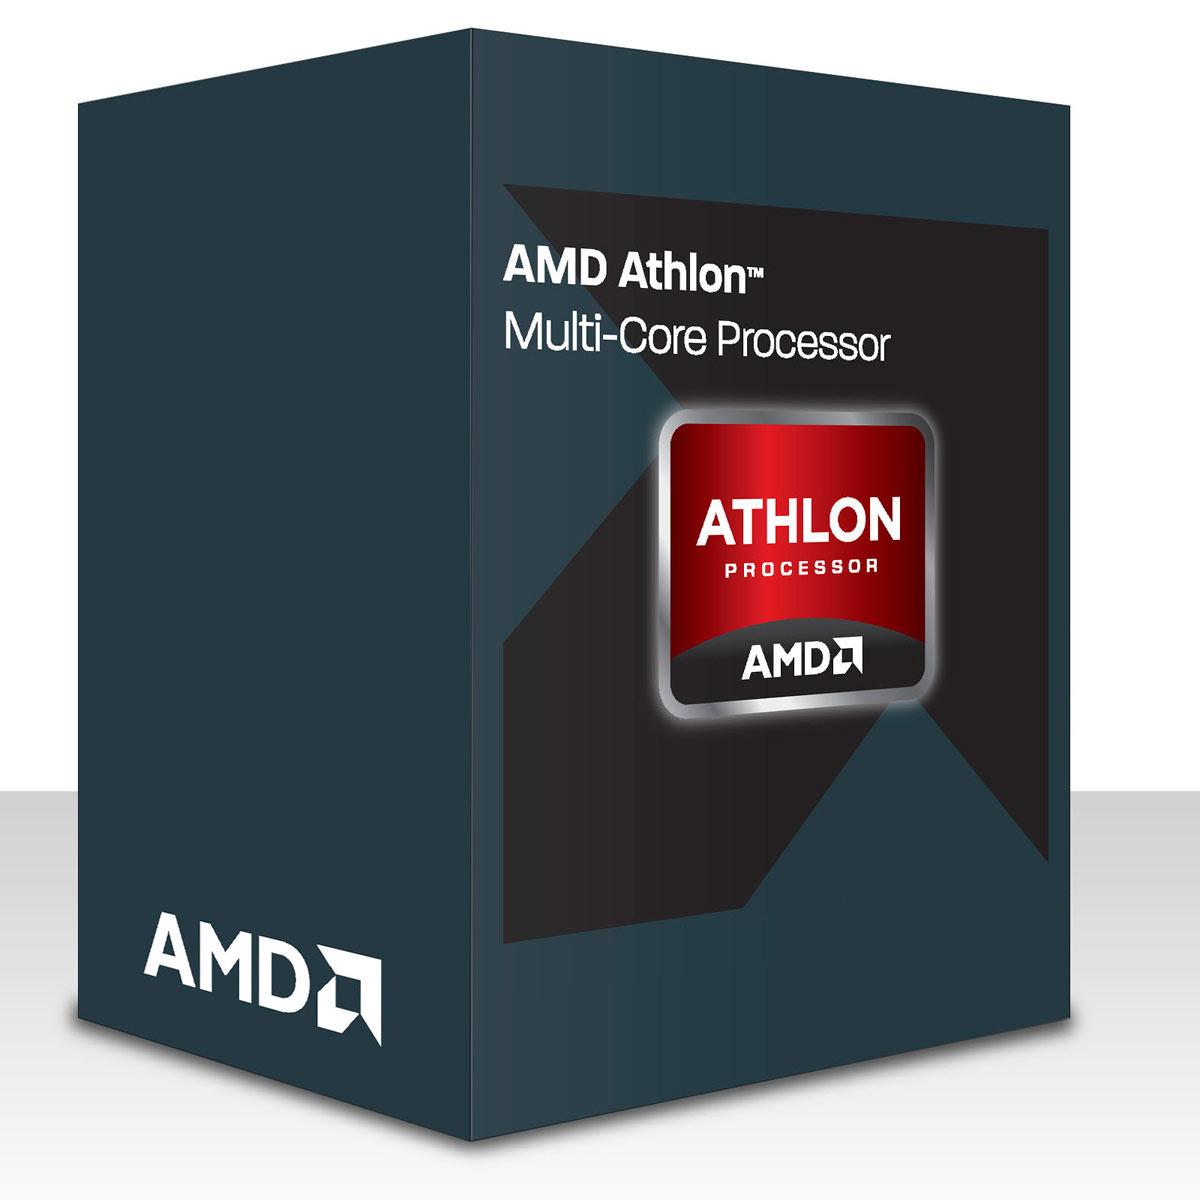 Processeur AMD Athlon X4 870K (3.9 GHz) - Low Noise Edition Processeur Quad Core Socket FM2+ 0.028 micron Cache L2 4 Mo + ventilateur silencieux (version boîte - garantie constructeur 3 ans)